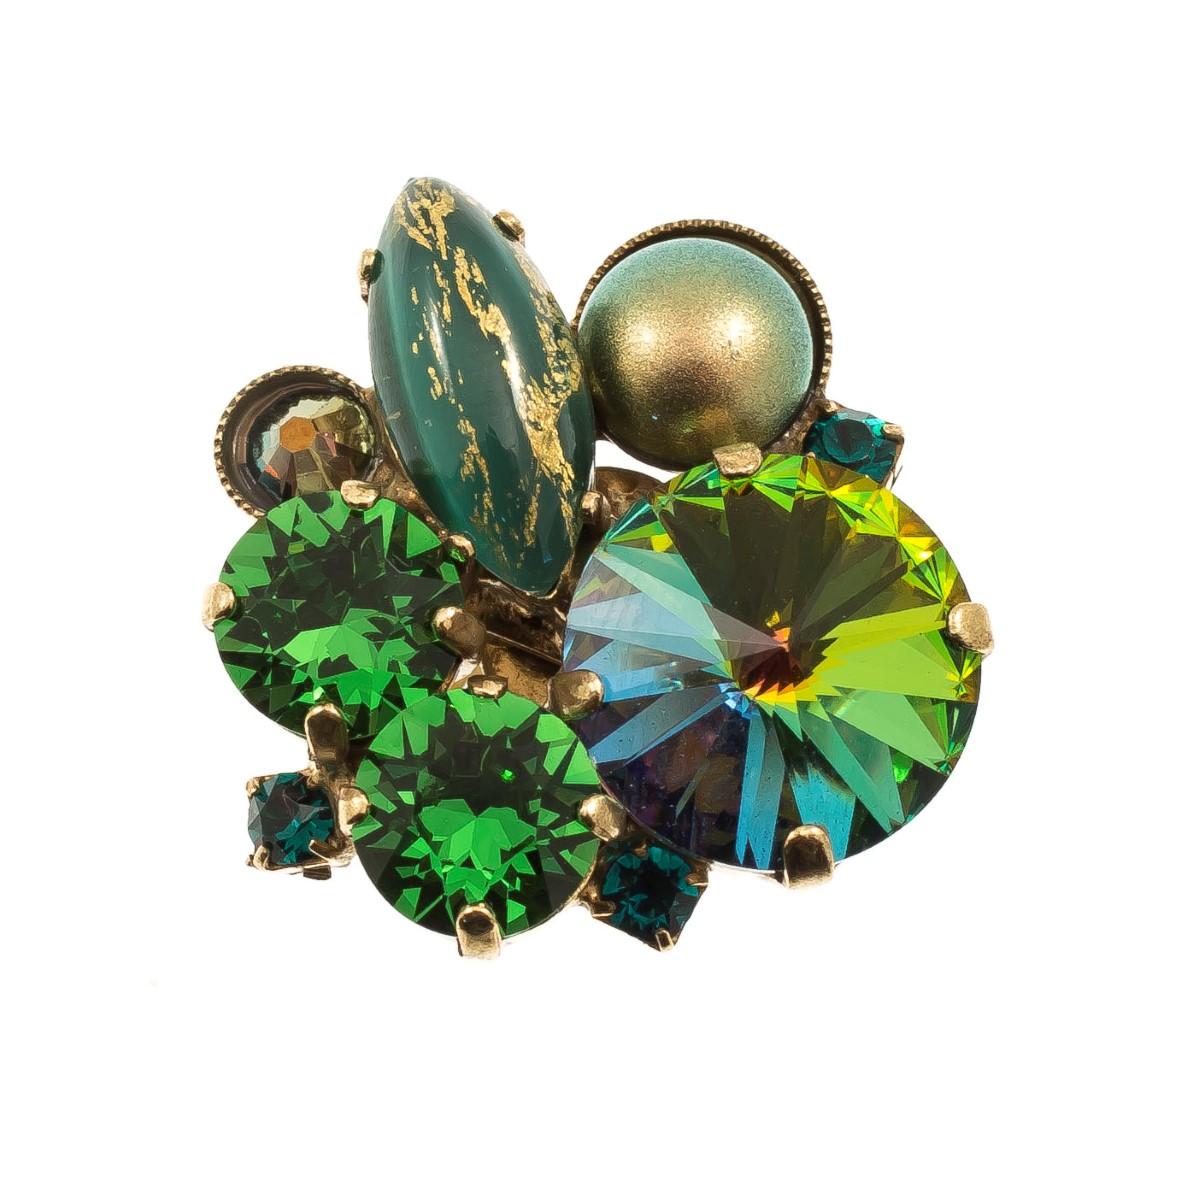 ARTWEAR DIMITRIADIS - Γυναικείο μεταλλικό δαχτυλίδι ARTWEAR DIMITRIADIS με στρας γυναικεία αξεσουάρ κοσμήματα δαχτυλίδια